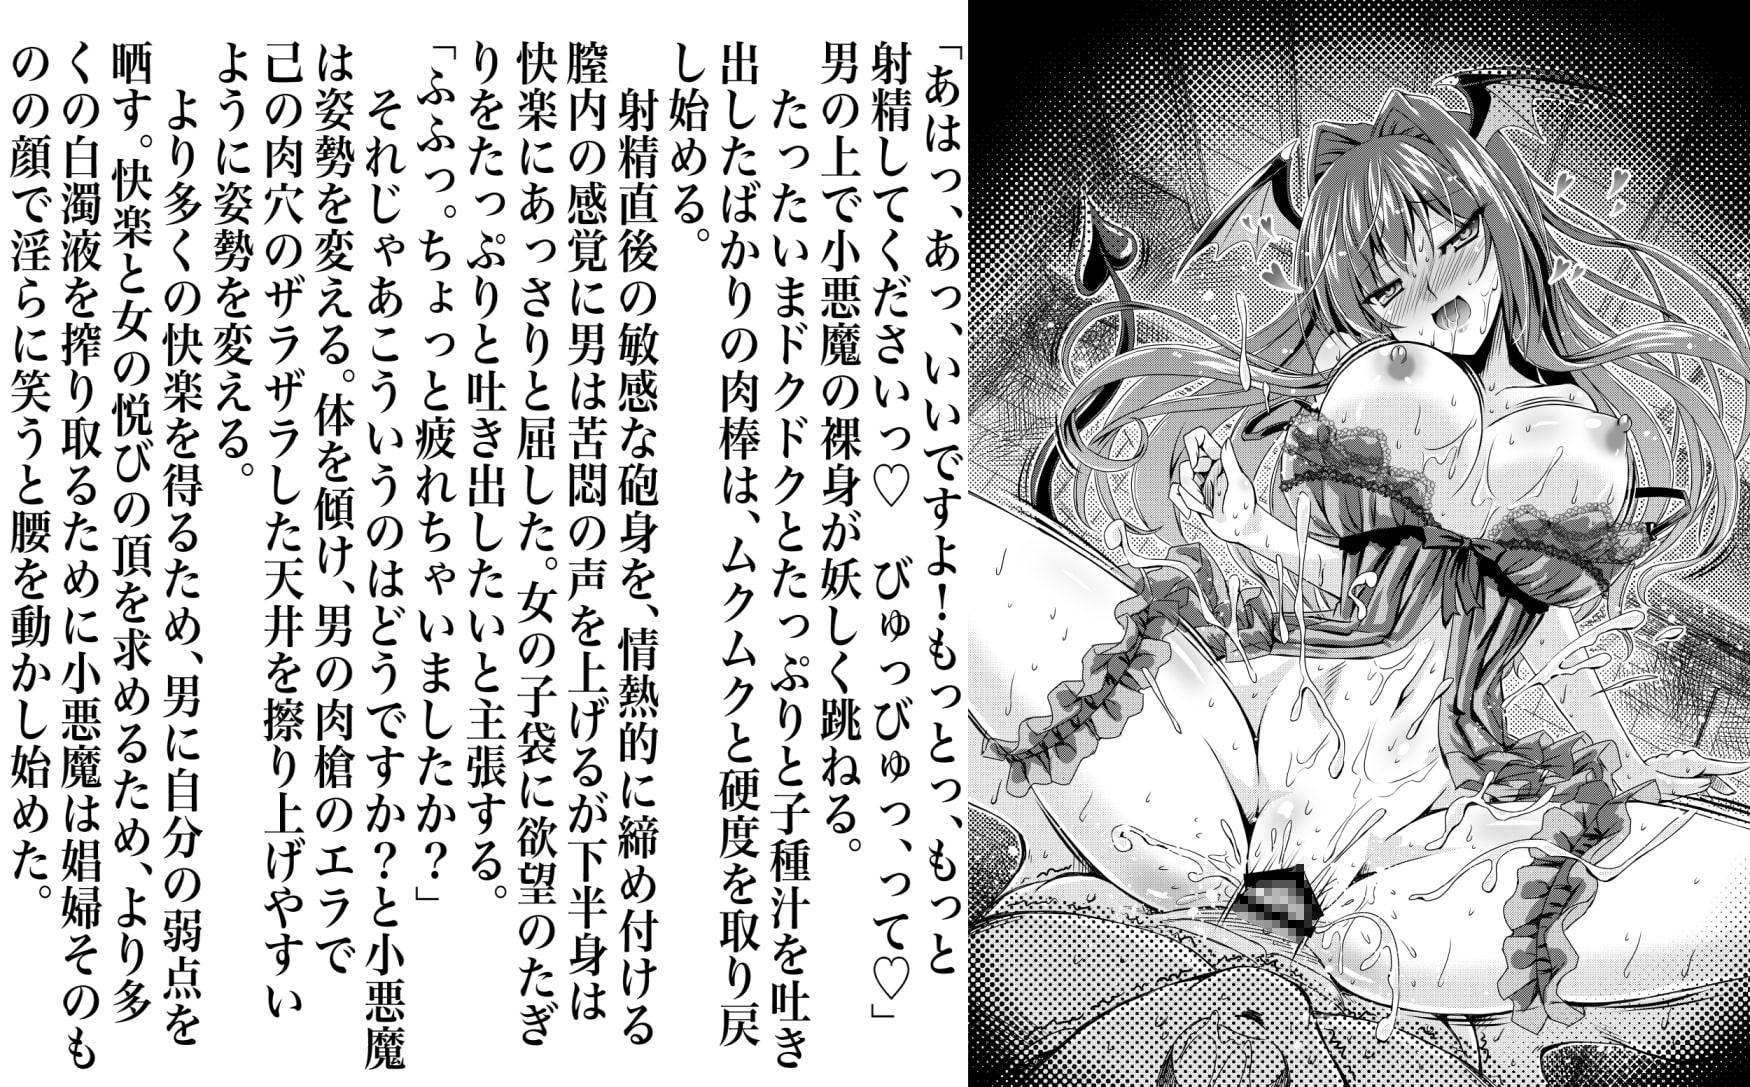 幻想エロトラップダンジョン敗北エロ合同誌